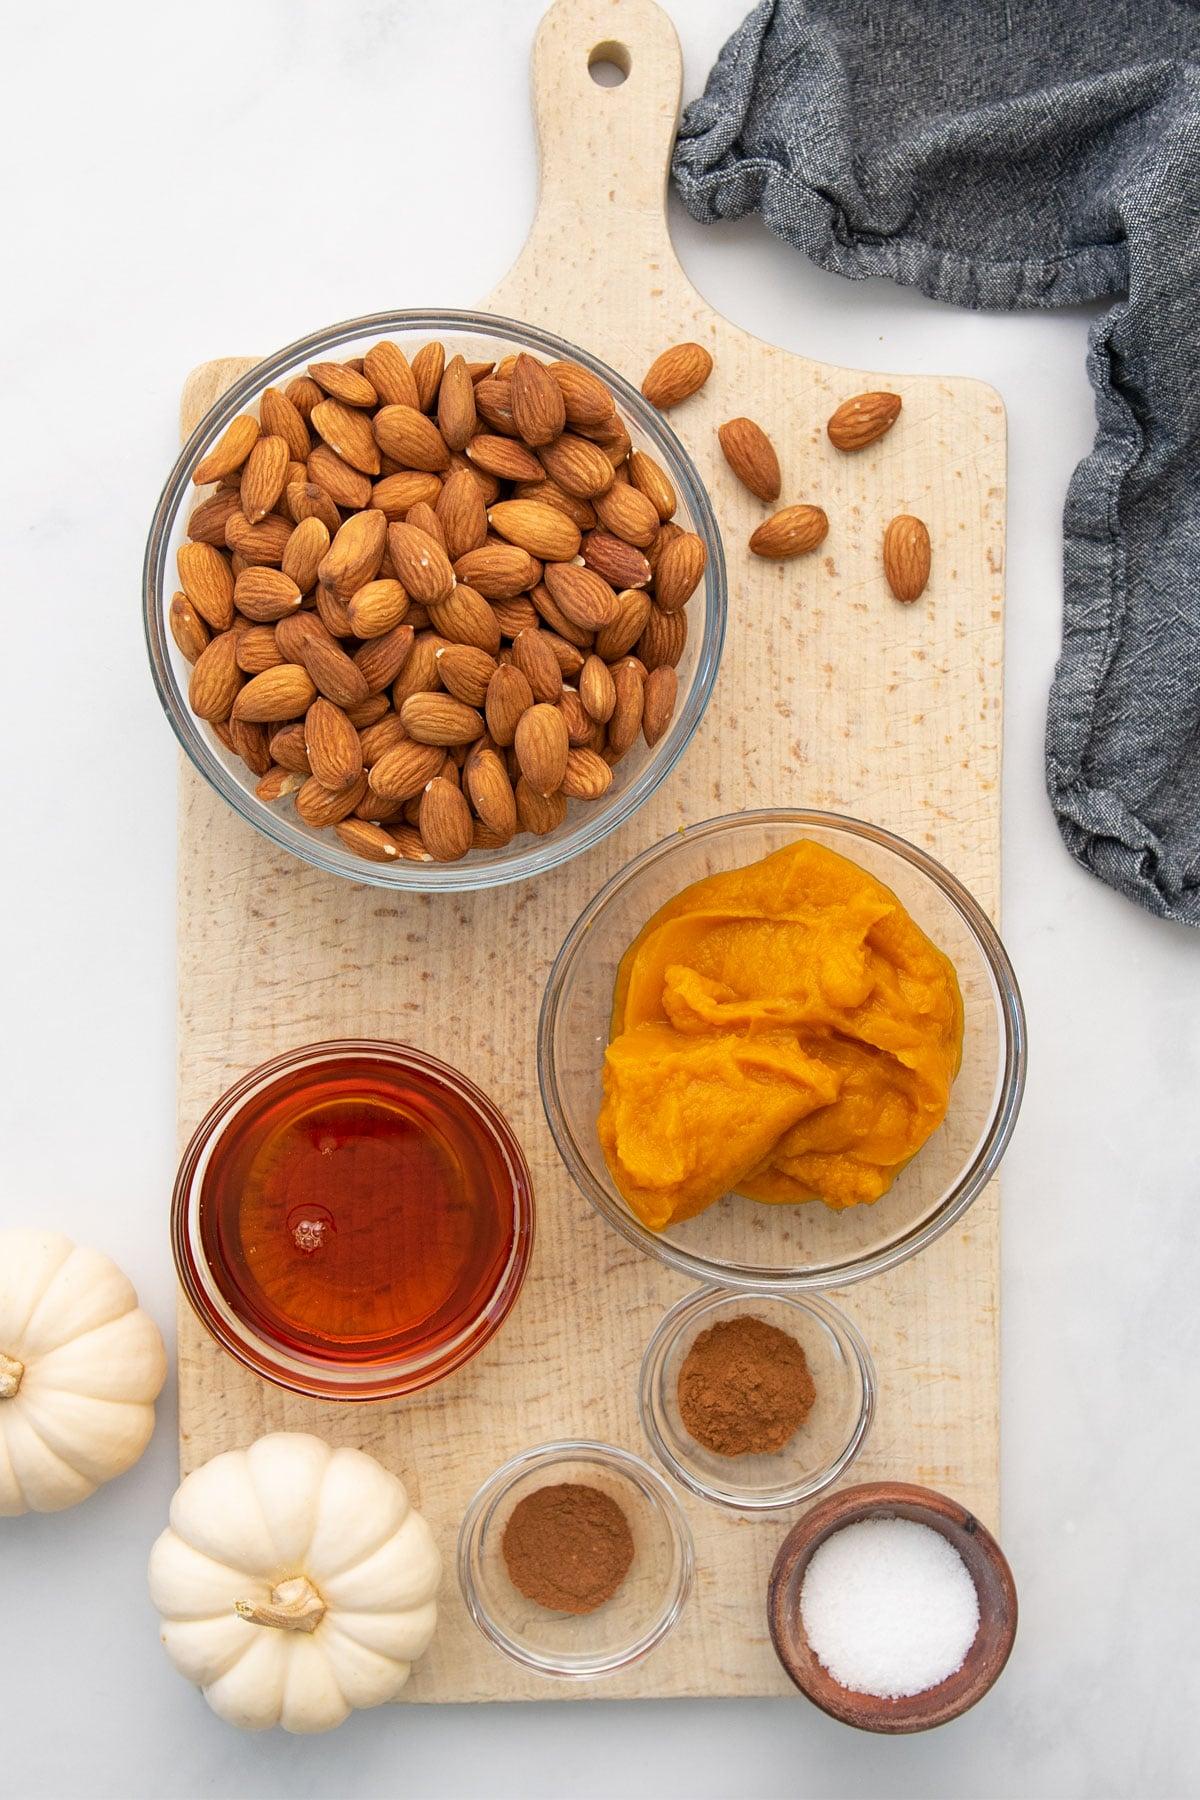 ingredients for pumpkin almond butter on wood board